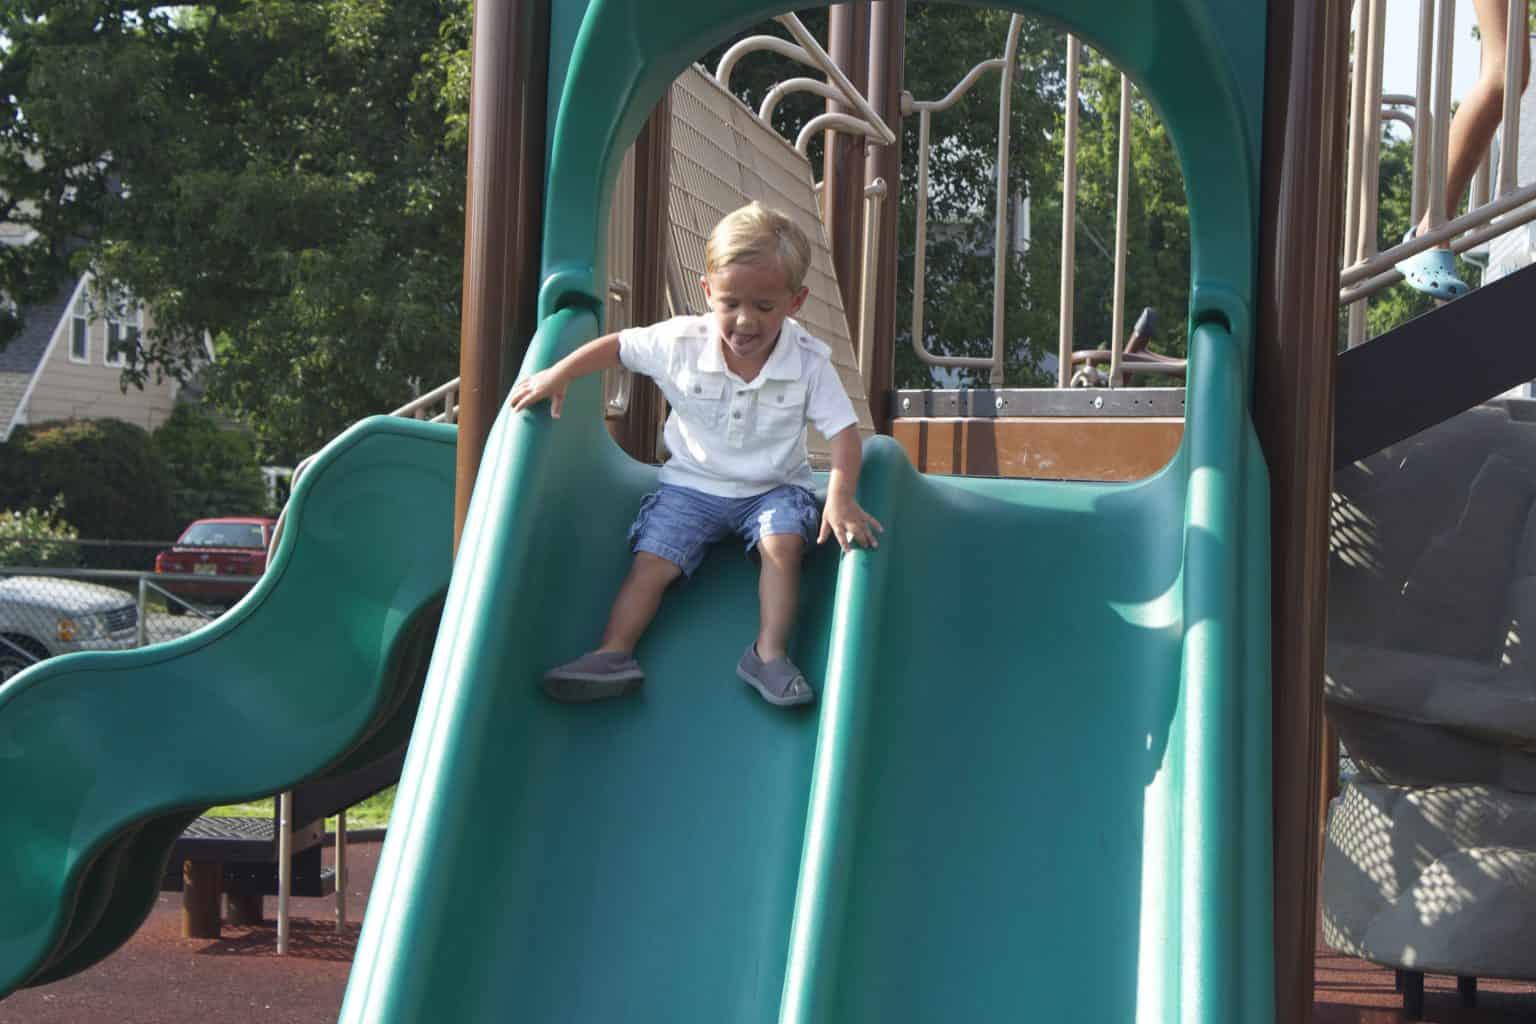 mountz-elementary-playground-spring-lake-nj_11653702255_o-1536x1024